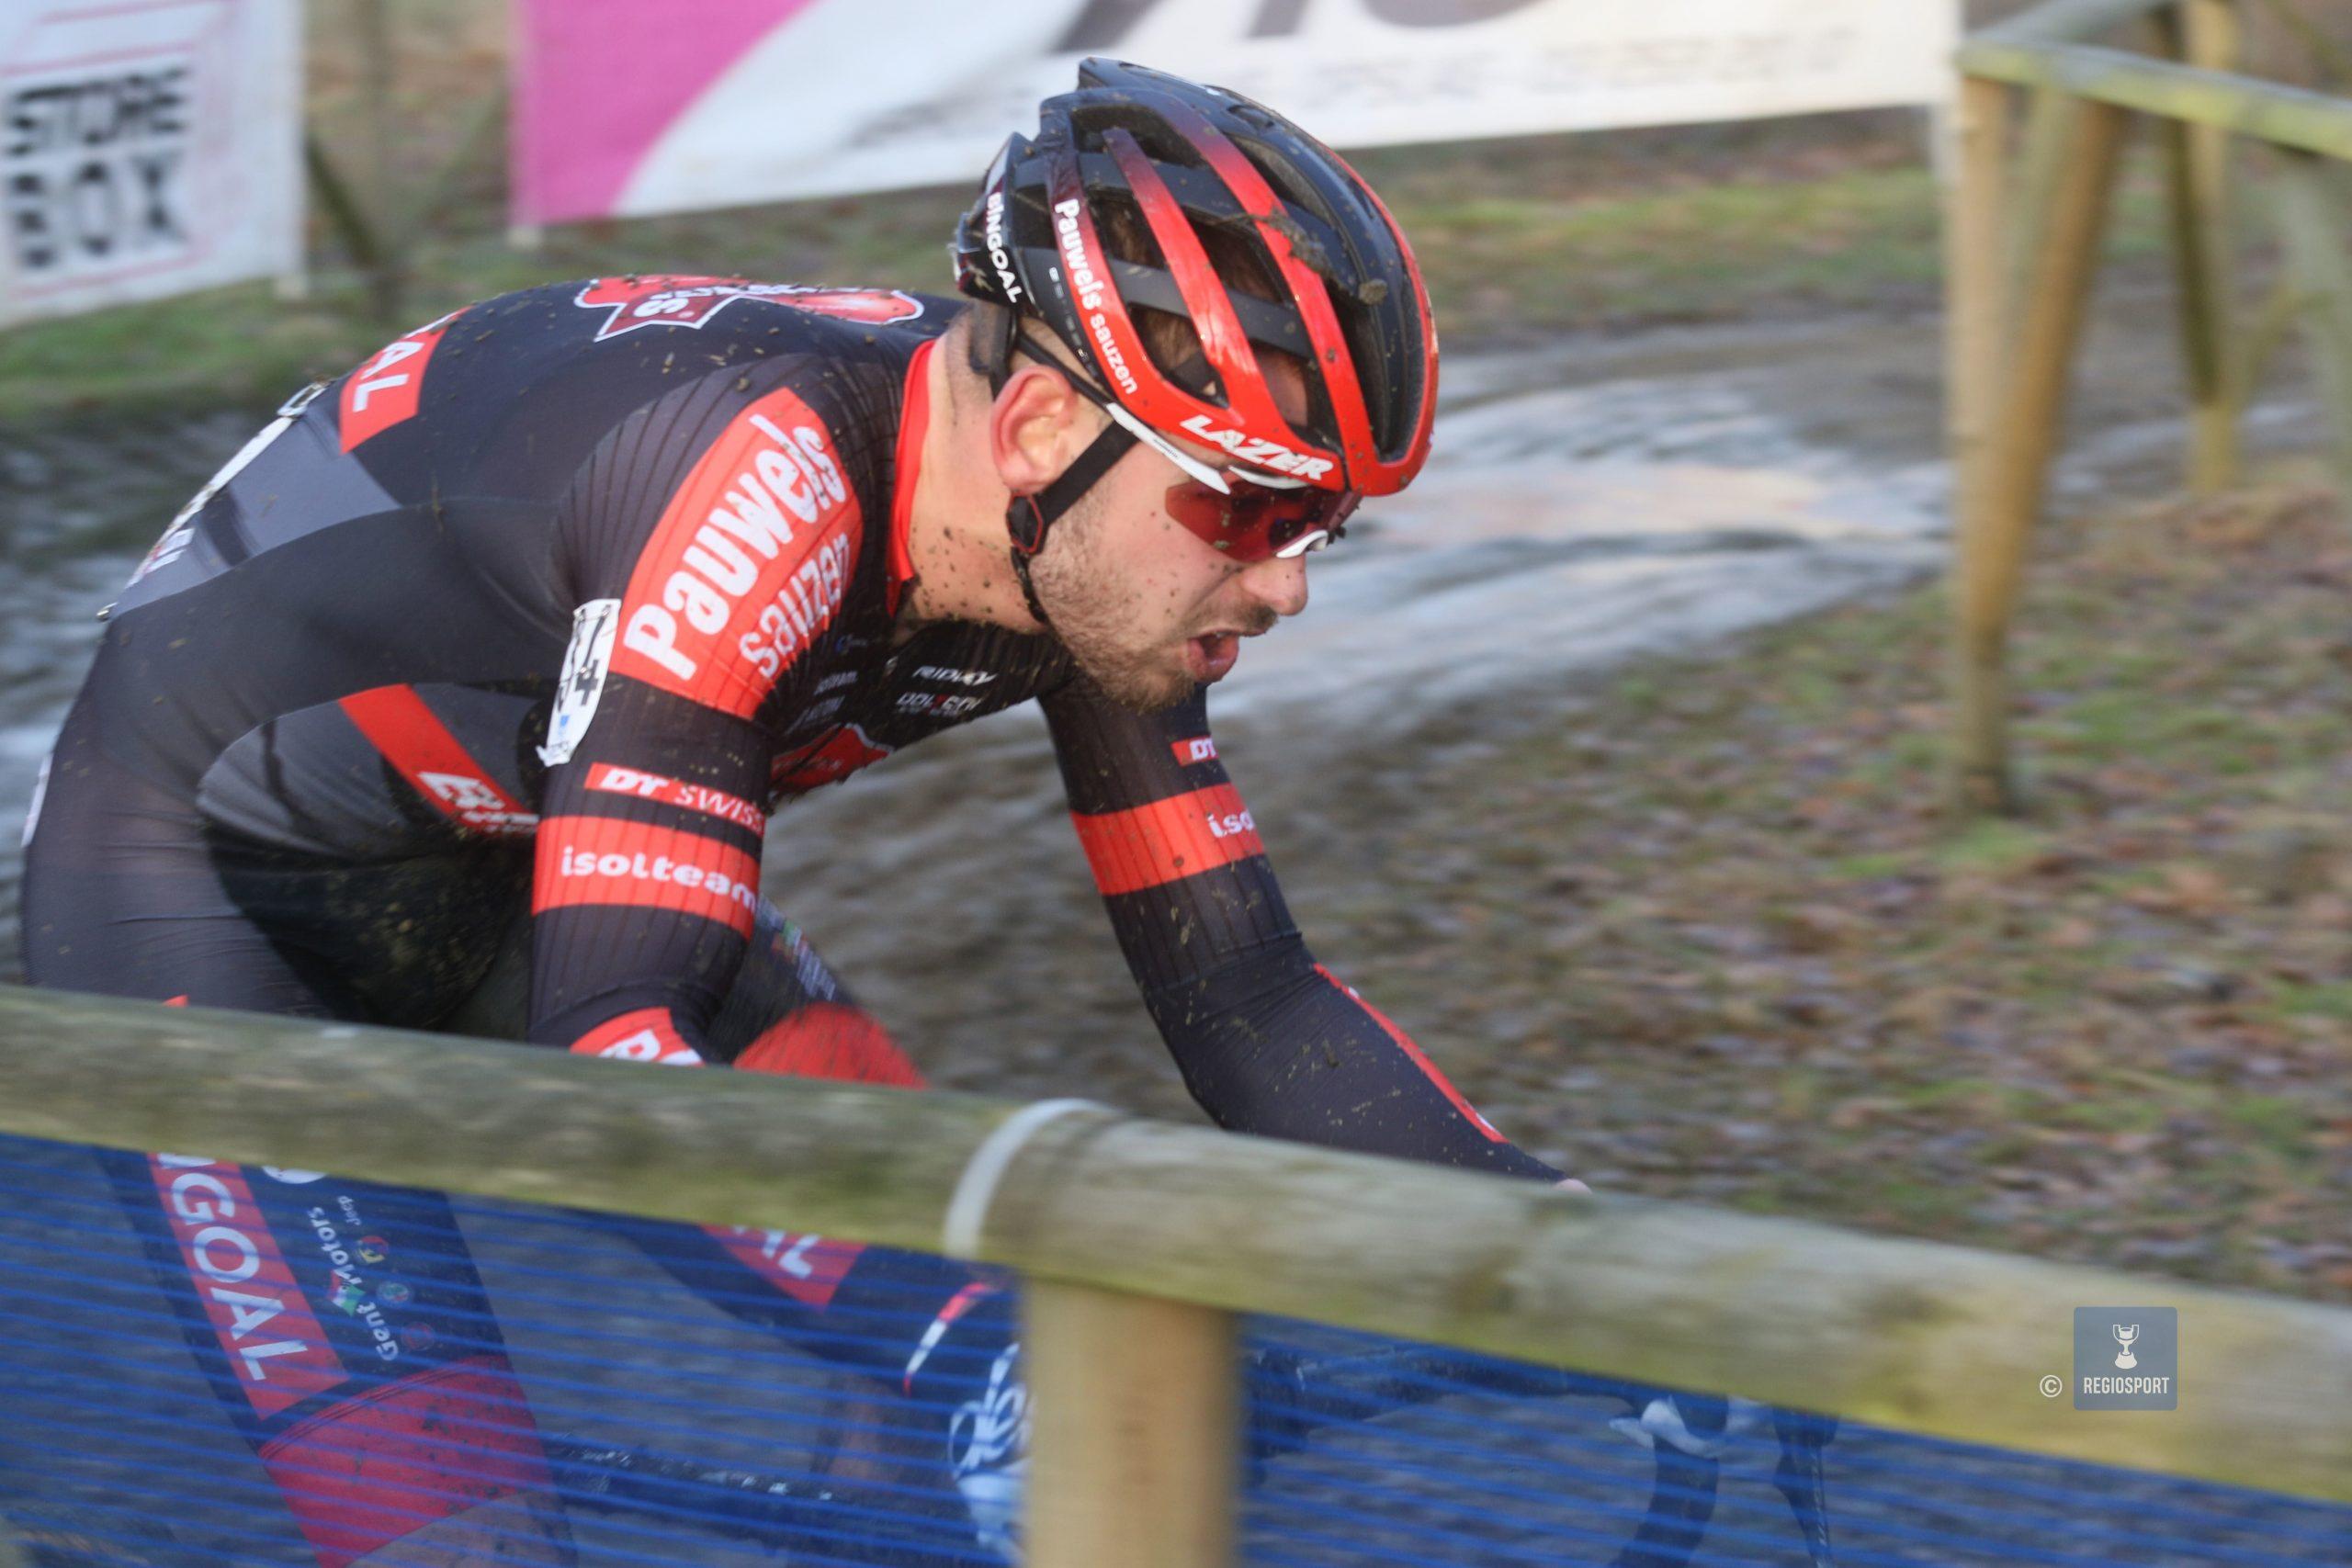 Boortmeerbeekse belofte Jelle Camps van start in Belgisch kampioenschap voor elite